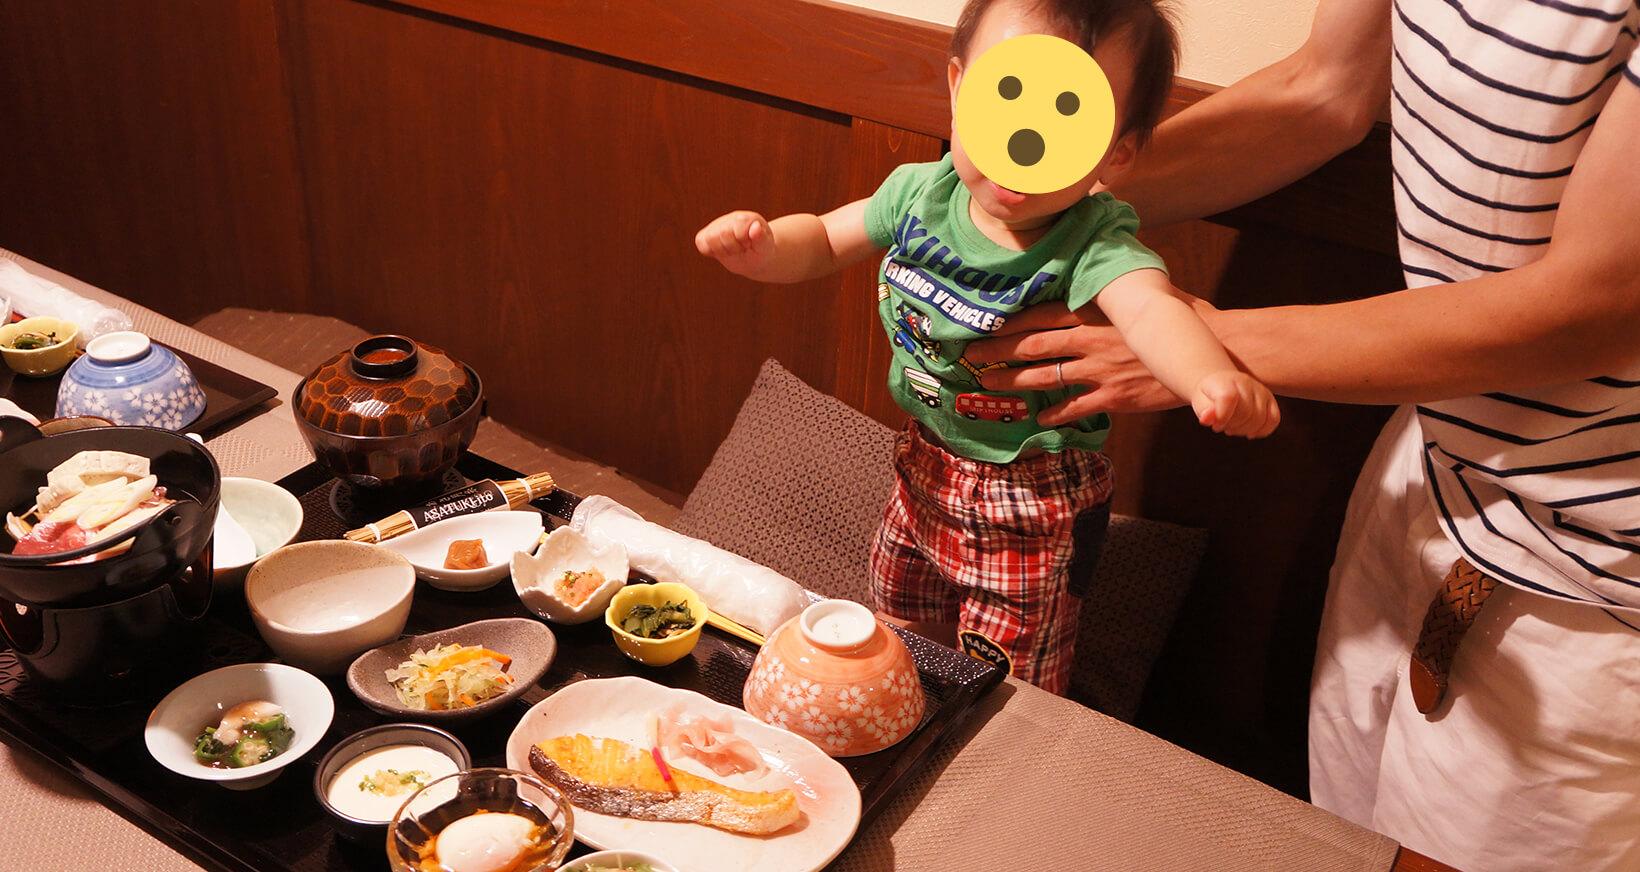 生後10ヶ月 旅行 那須 昔日 部屋食